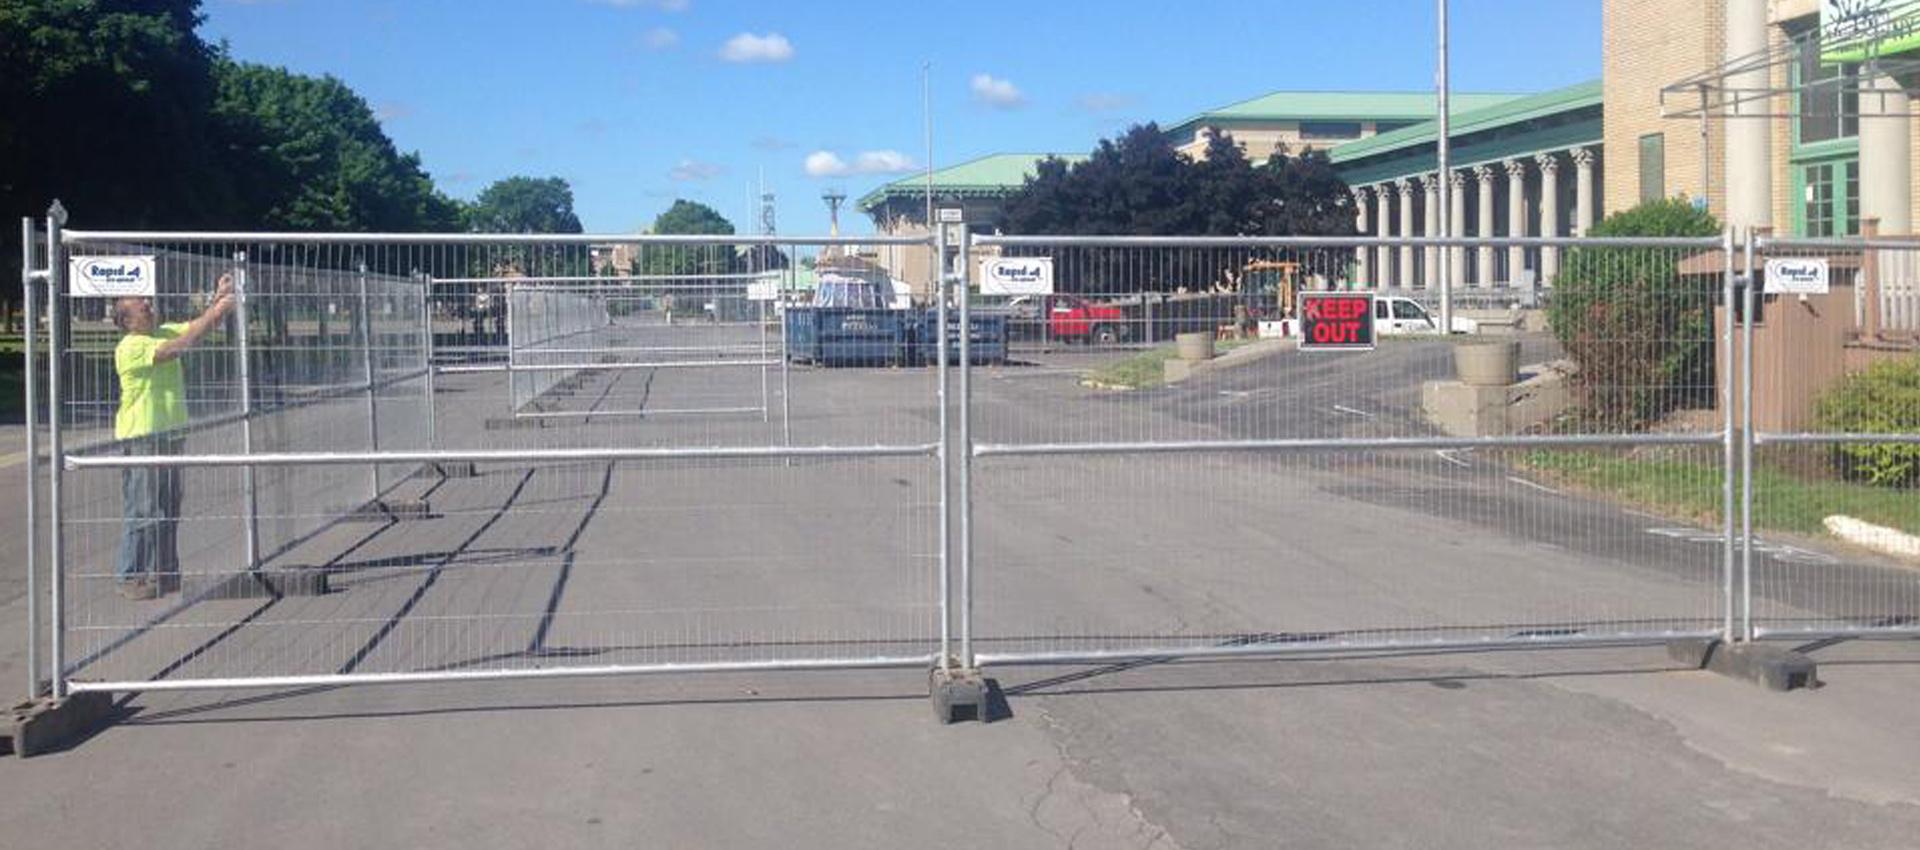 Temporary Fencing Watertown Fencing Temporary